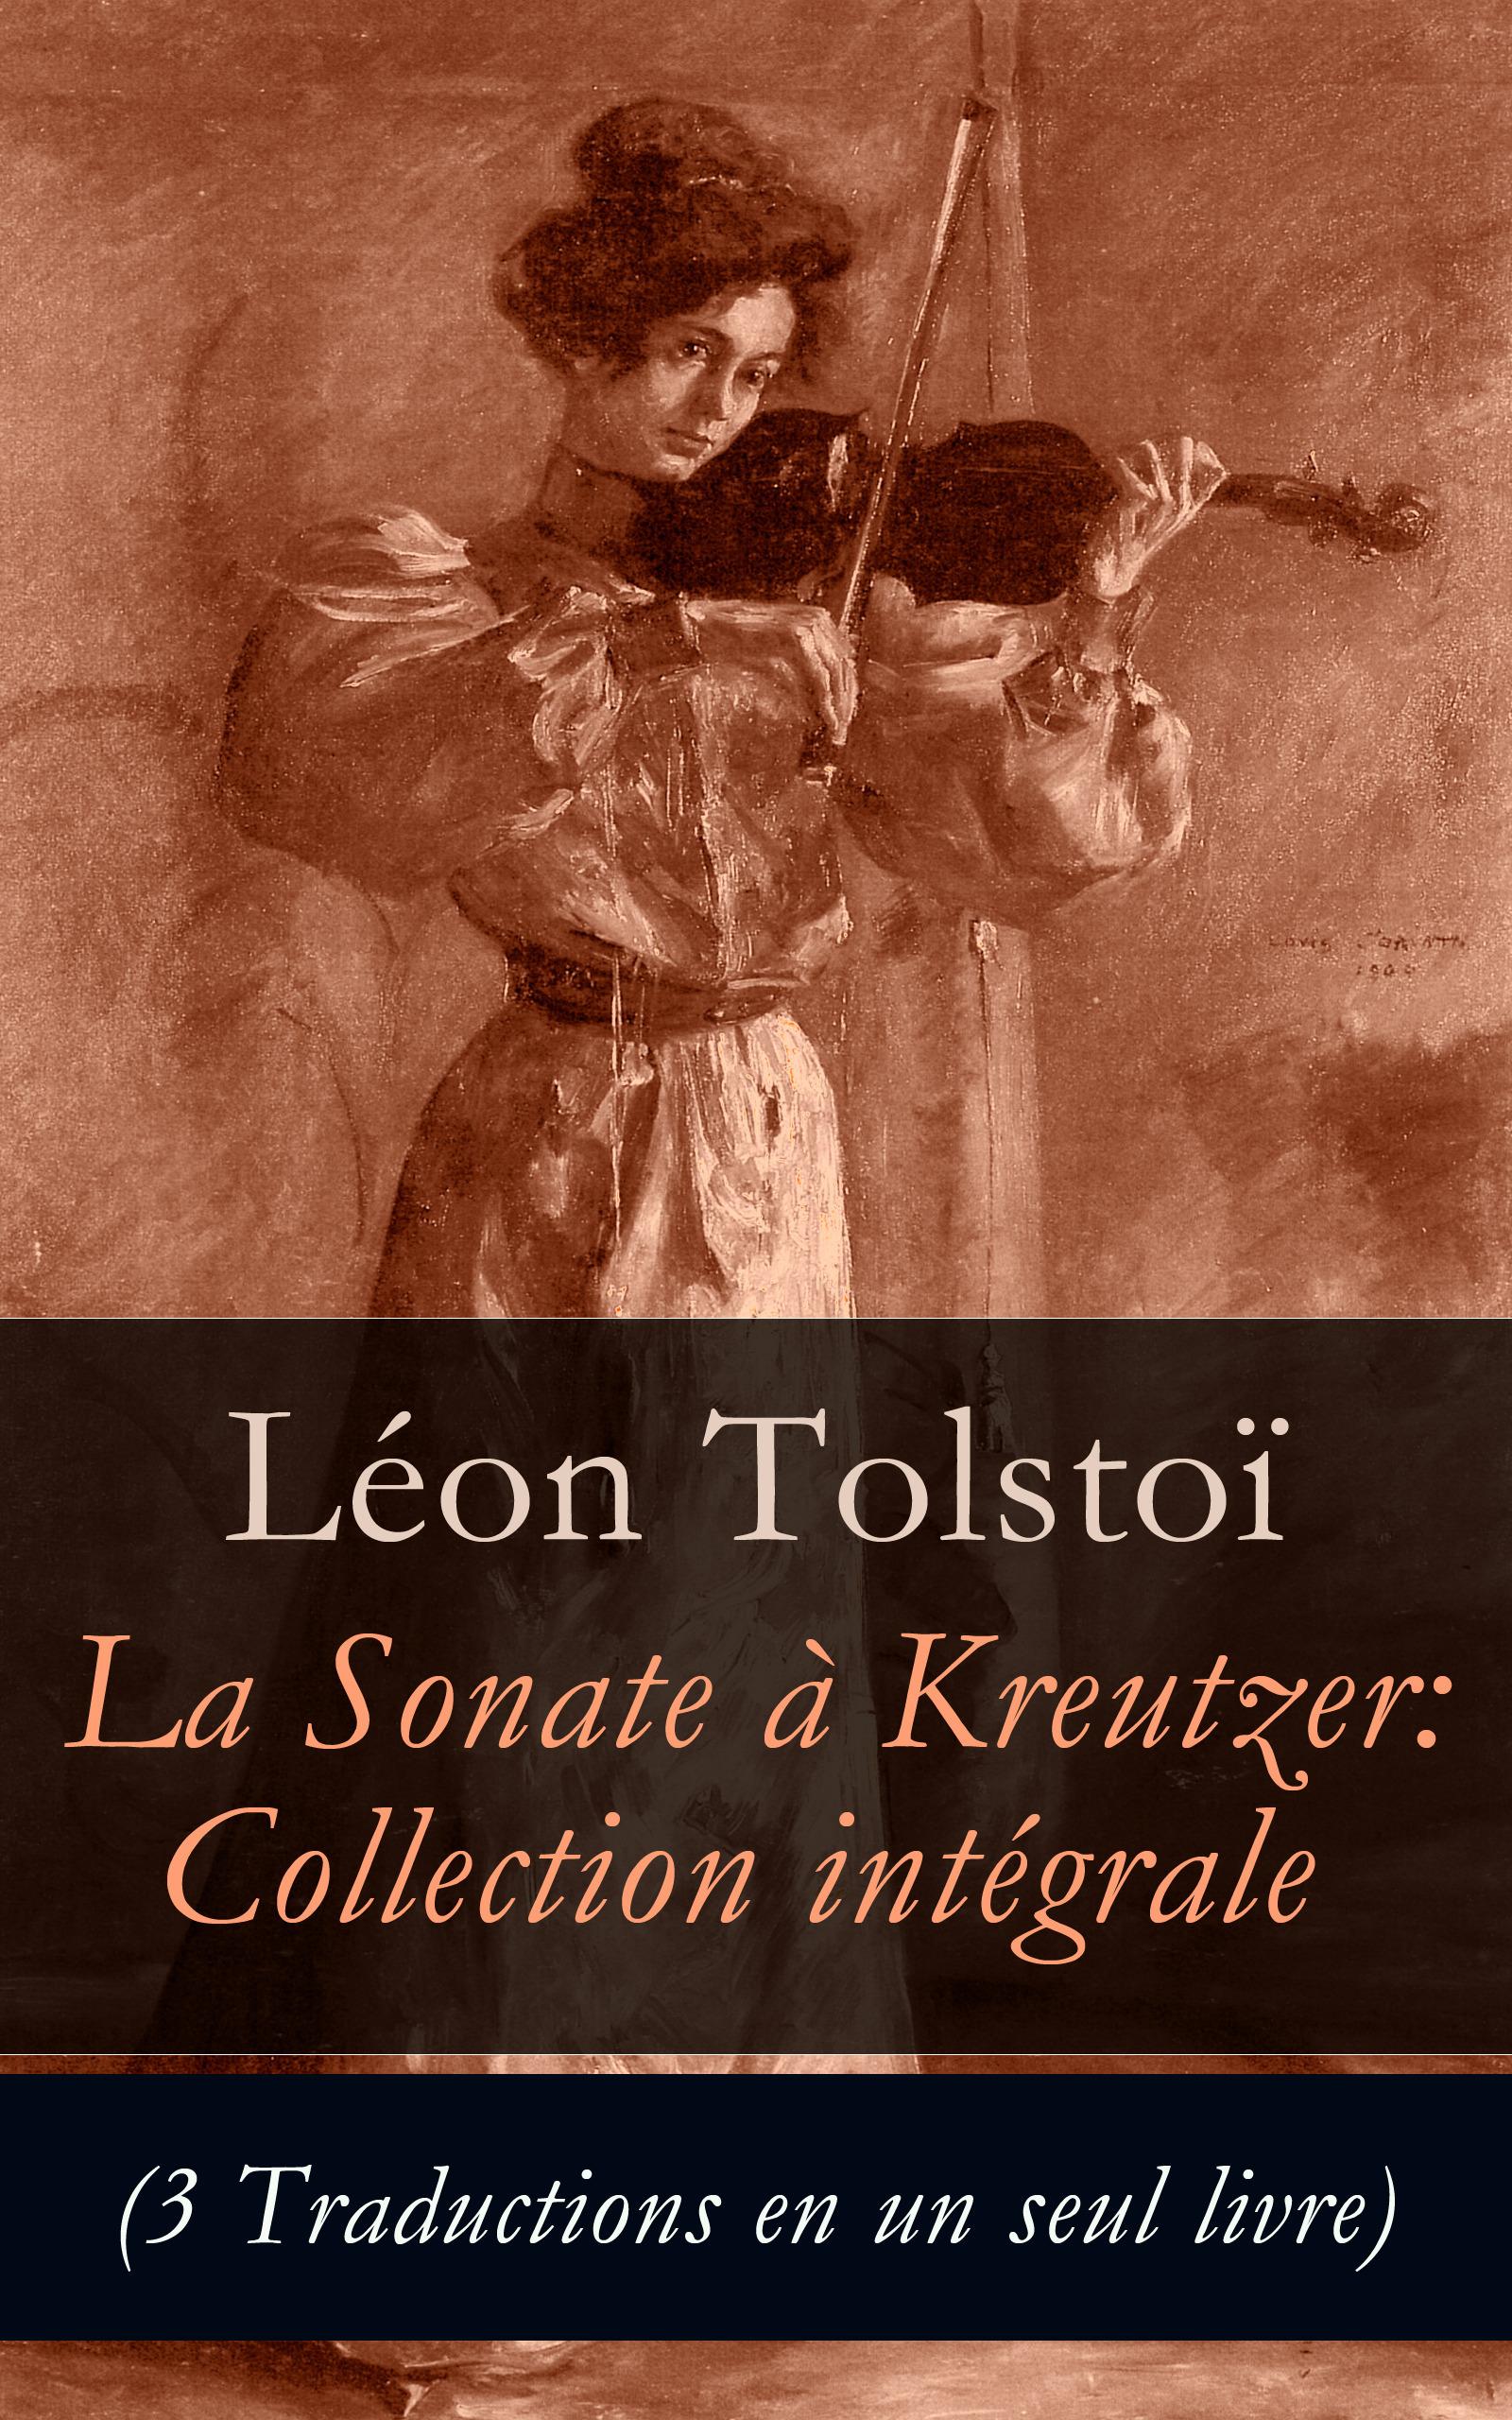 La Sonate à Kreutzer: Collection intégrale (3 Traductions en un seul livre)